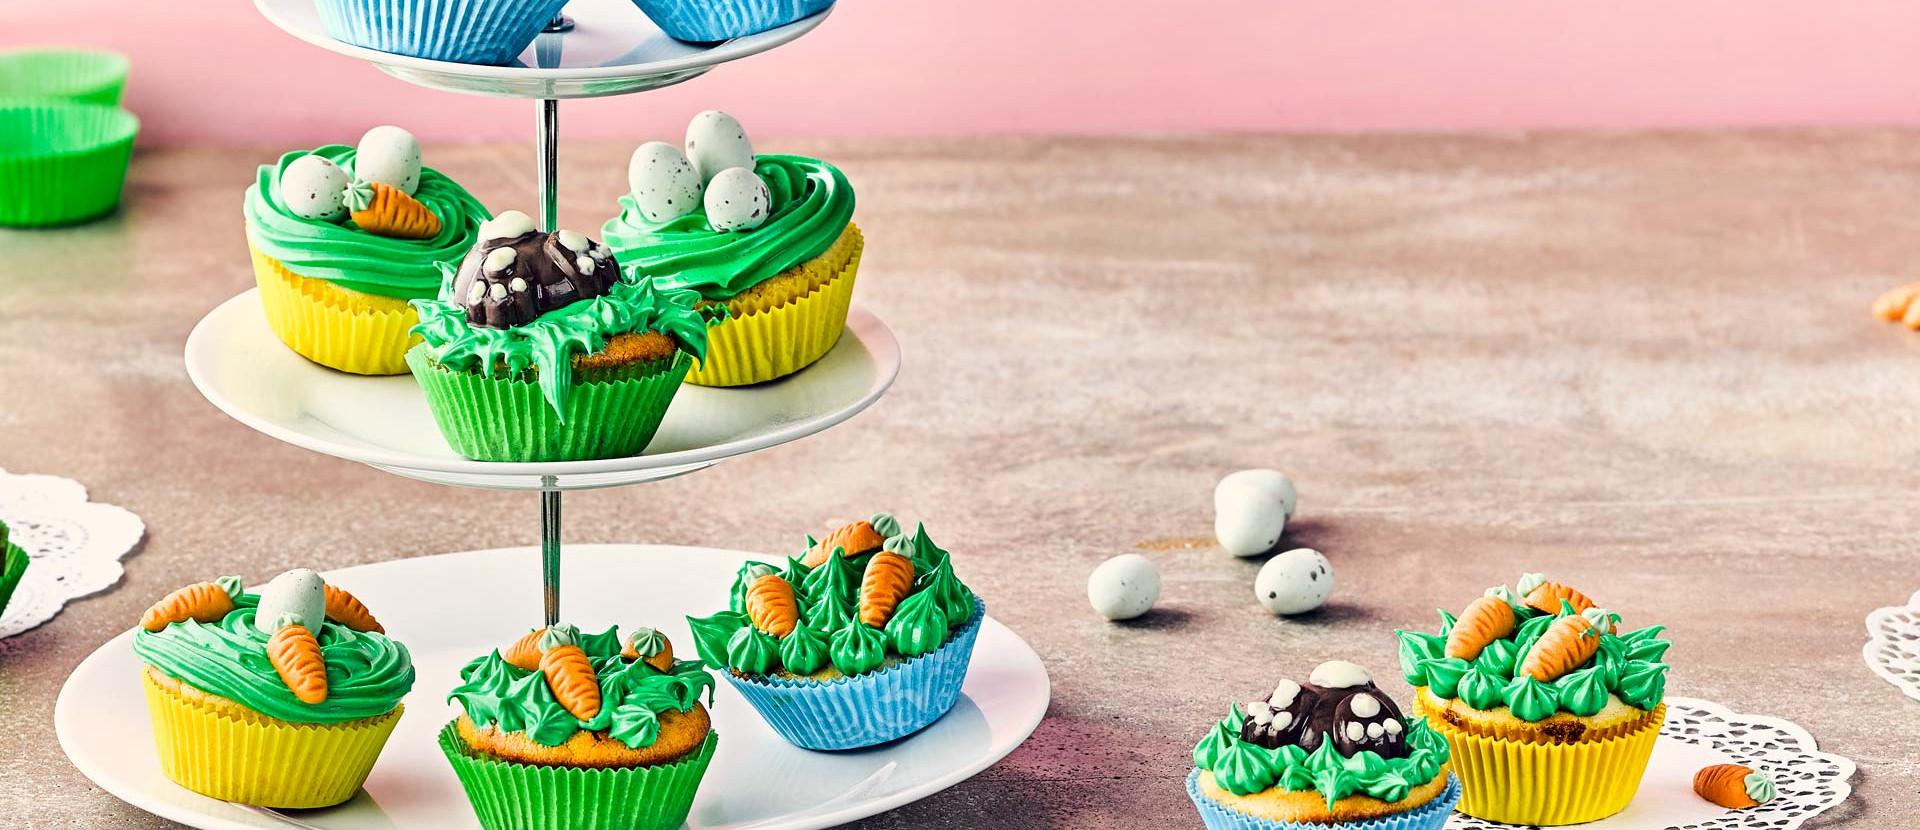 Oster Cupcakes auf einer Etagere